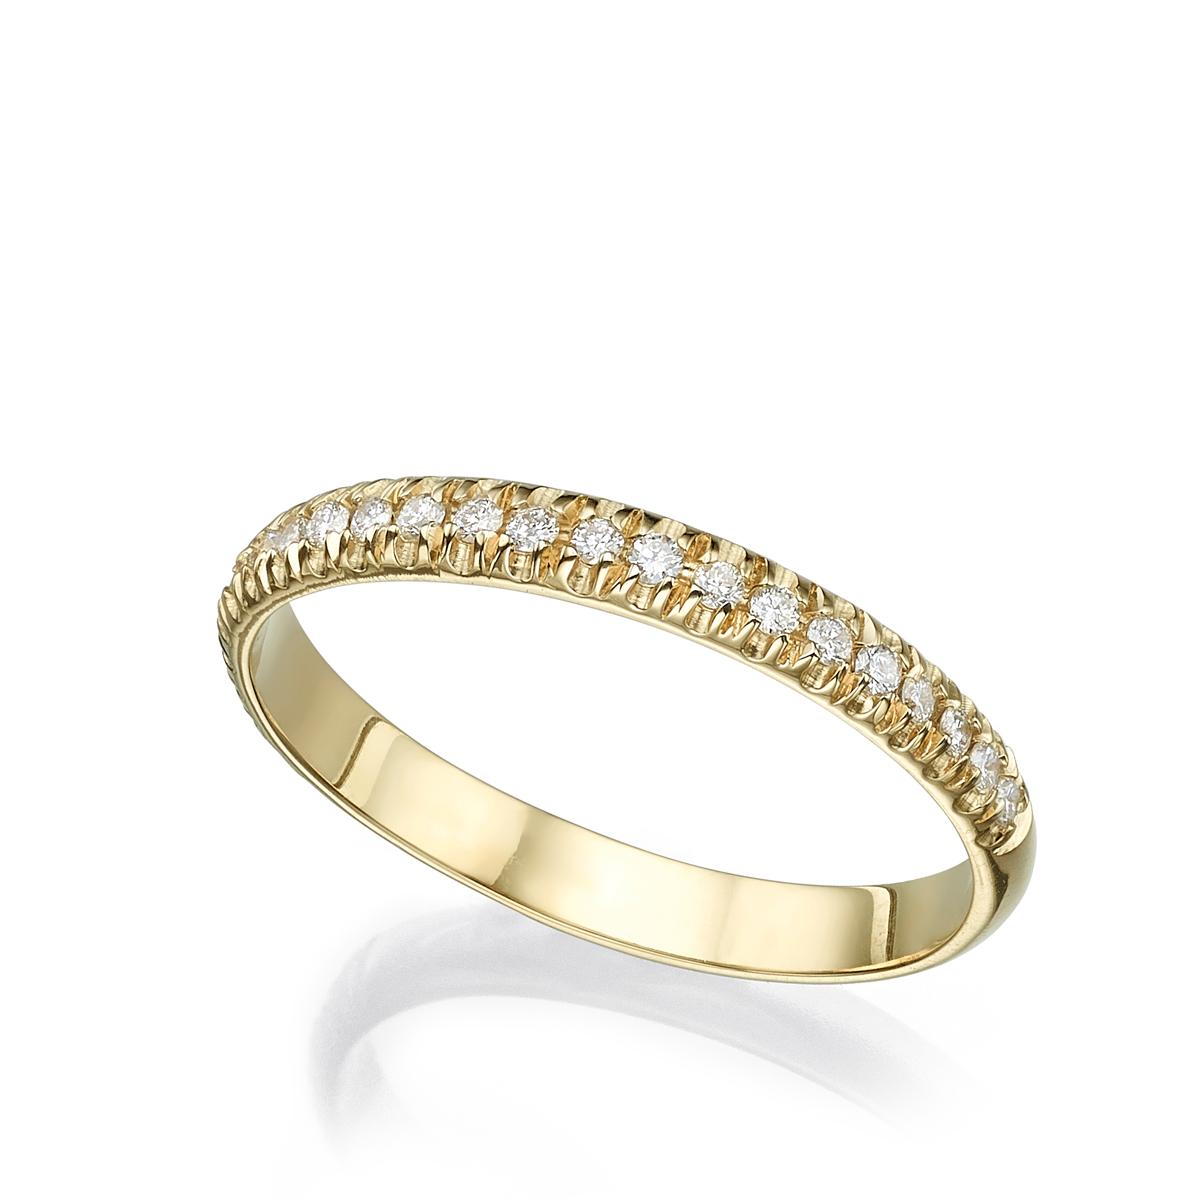 טבעת זהב פרופיל חצי עגול משובצת שורת יהלומים